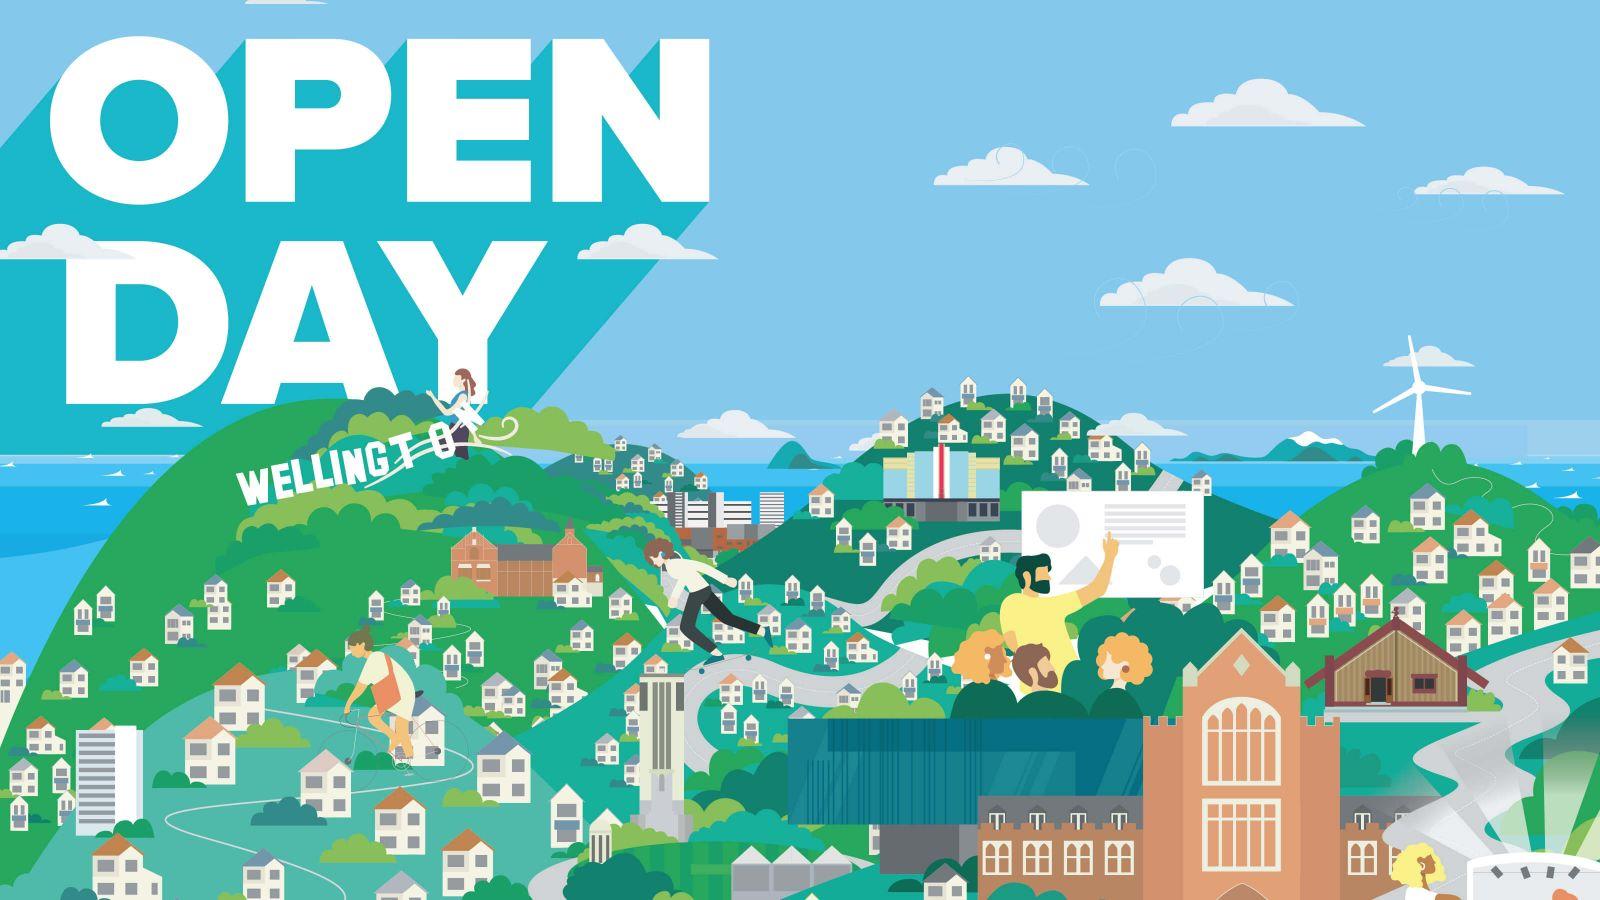 Register for Open Day